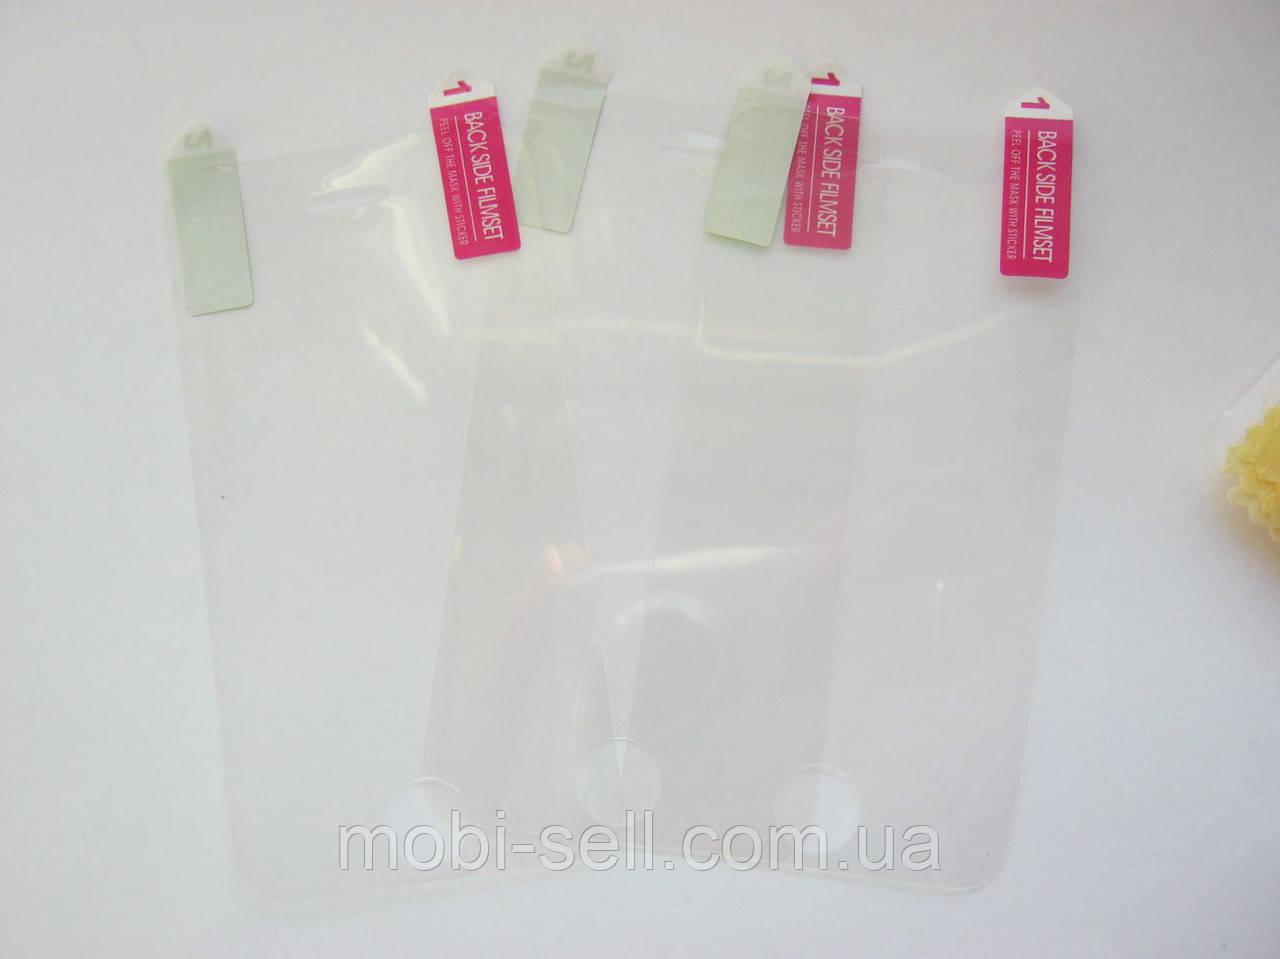 Защитная пленка для Apple iPhone 4 / 4S (перед), без упаковки